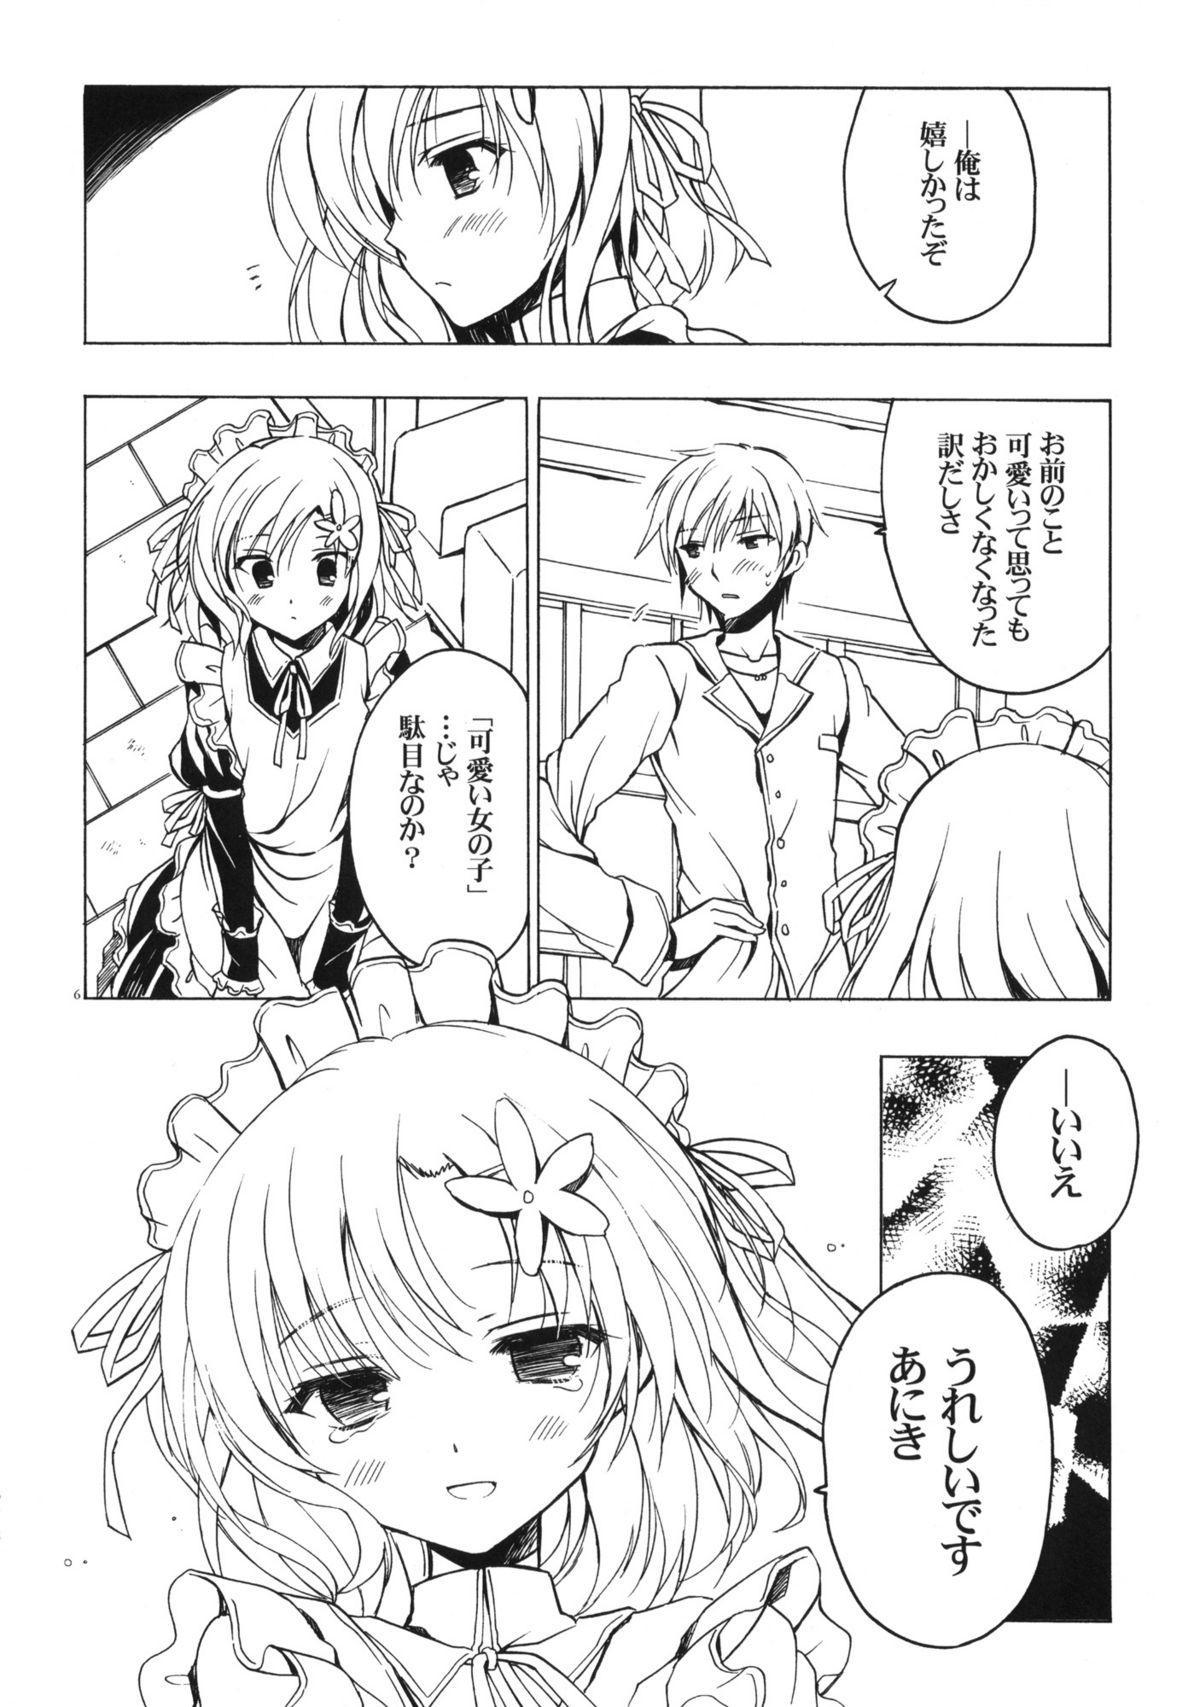 Boku ni wa Yukimura ga Tarinai Junbigou 5